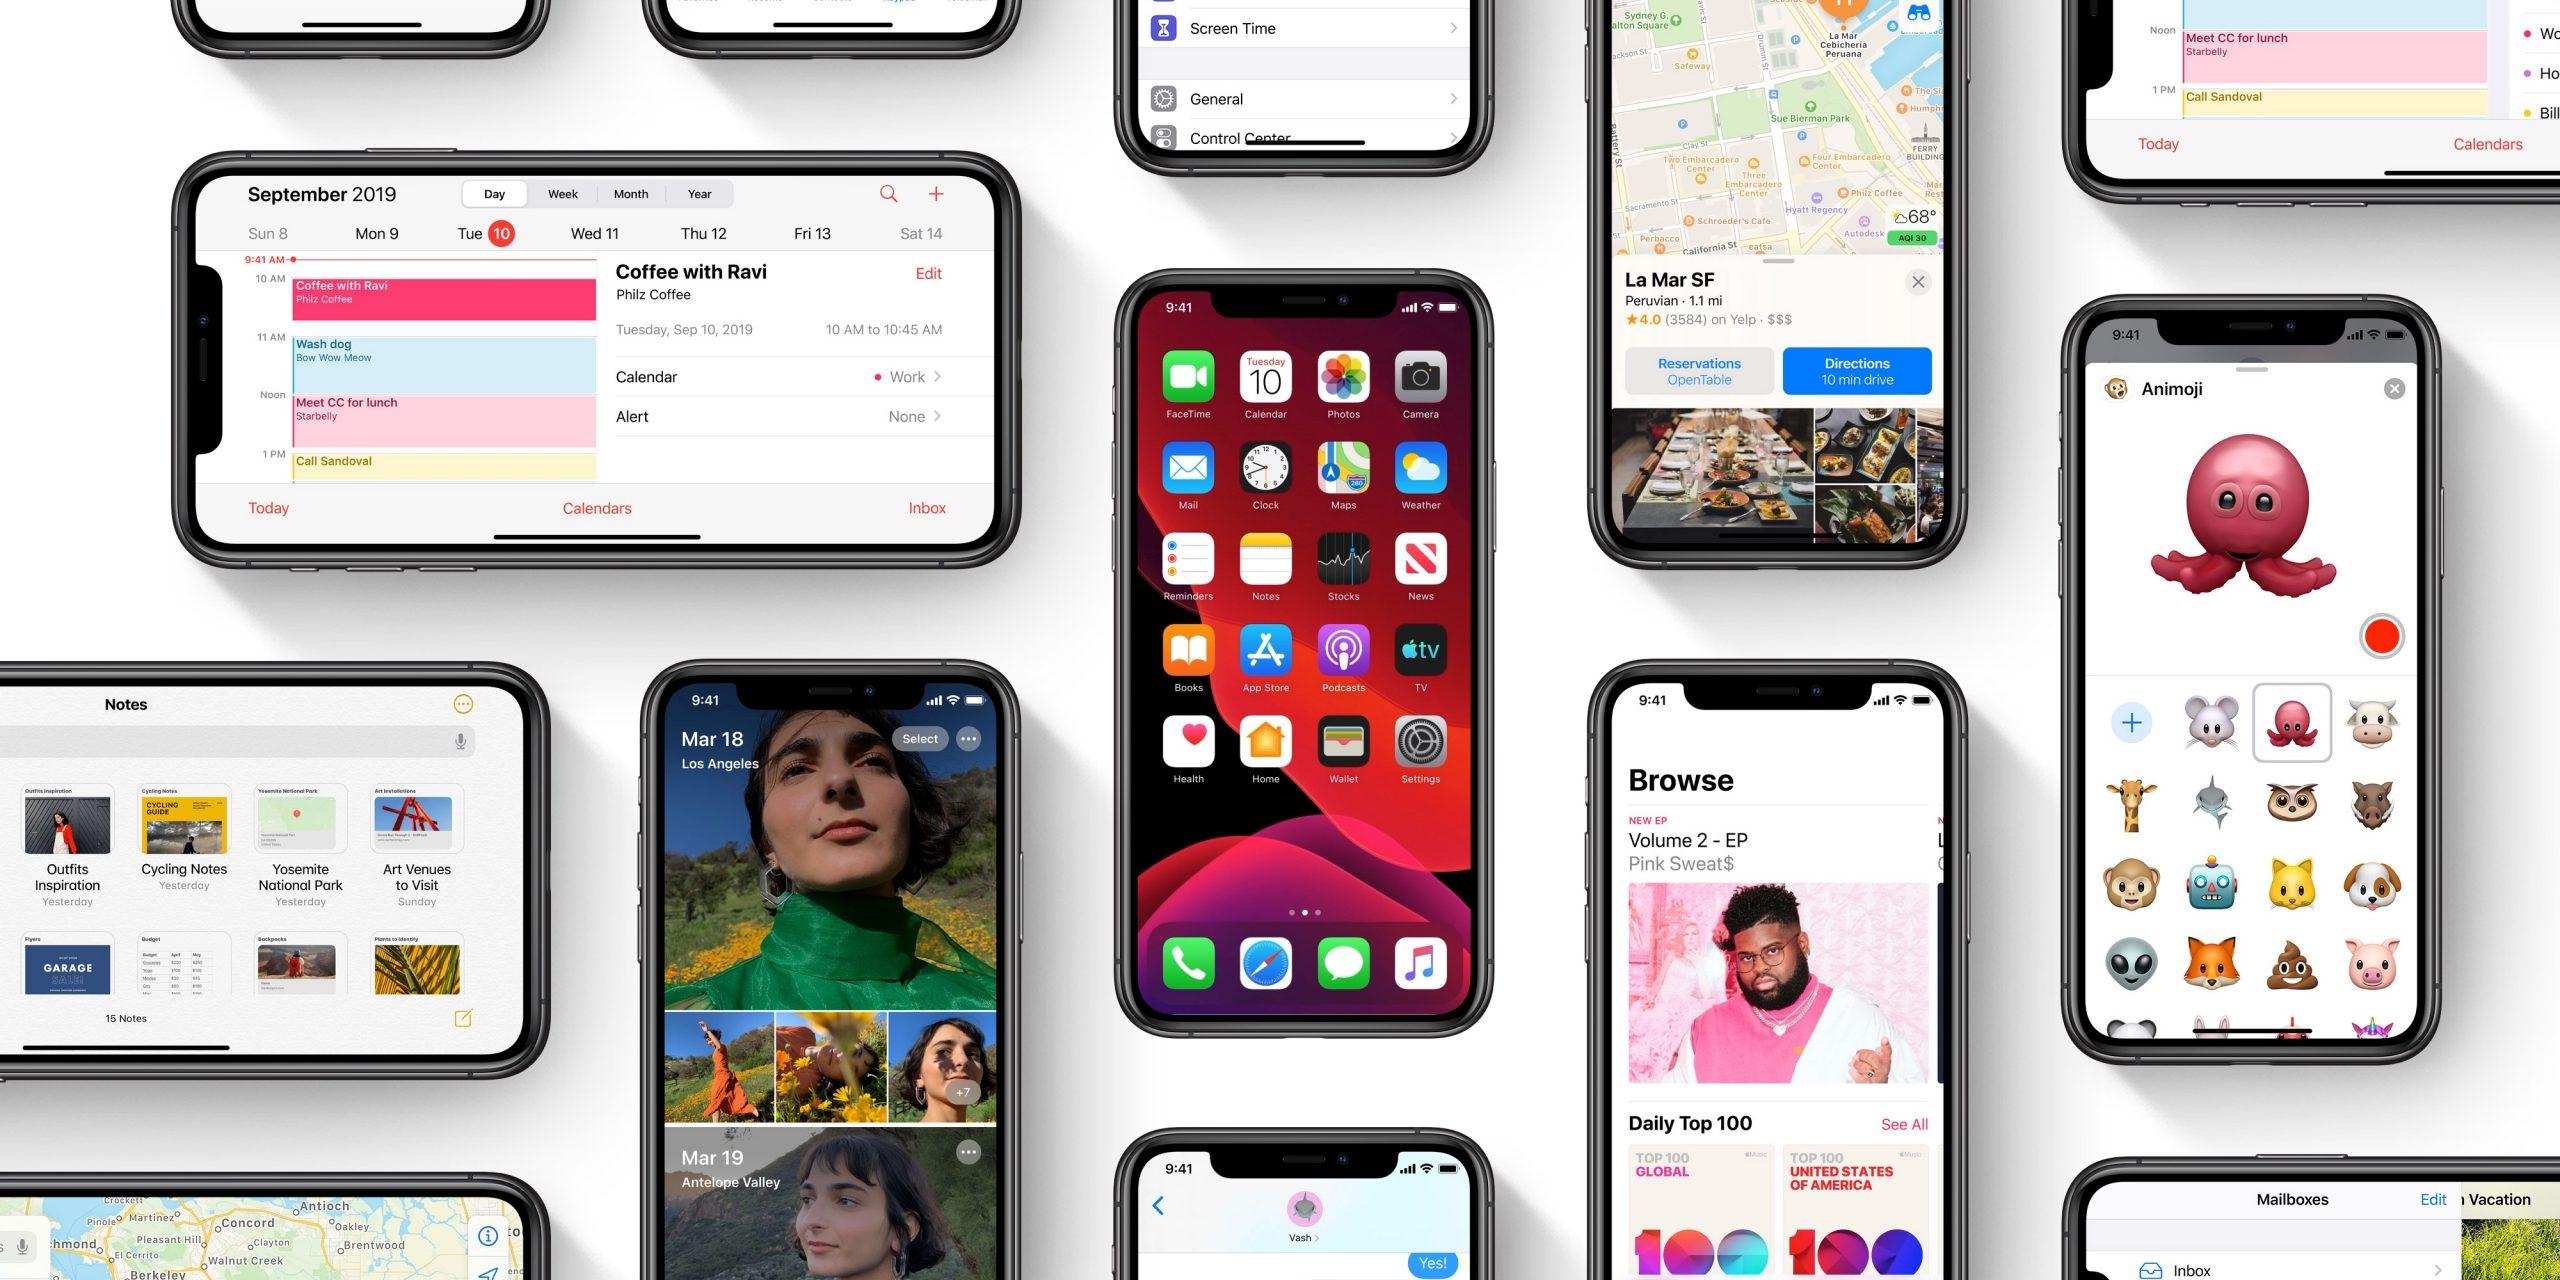 iOS 13 erabilera tasa azkar handitzen ari da!